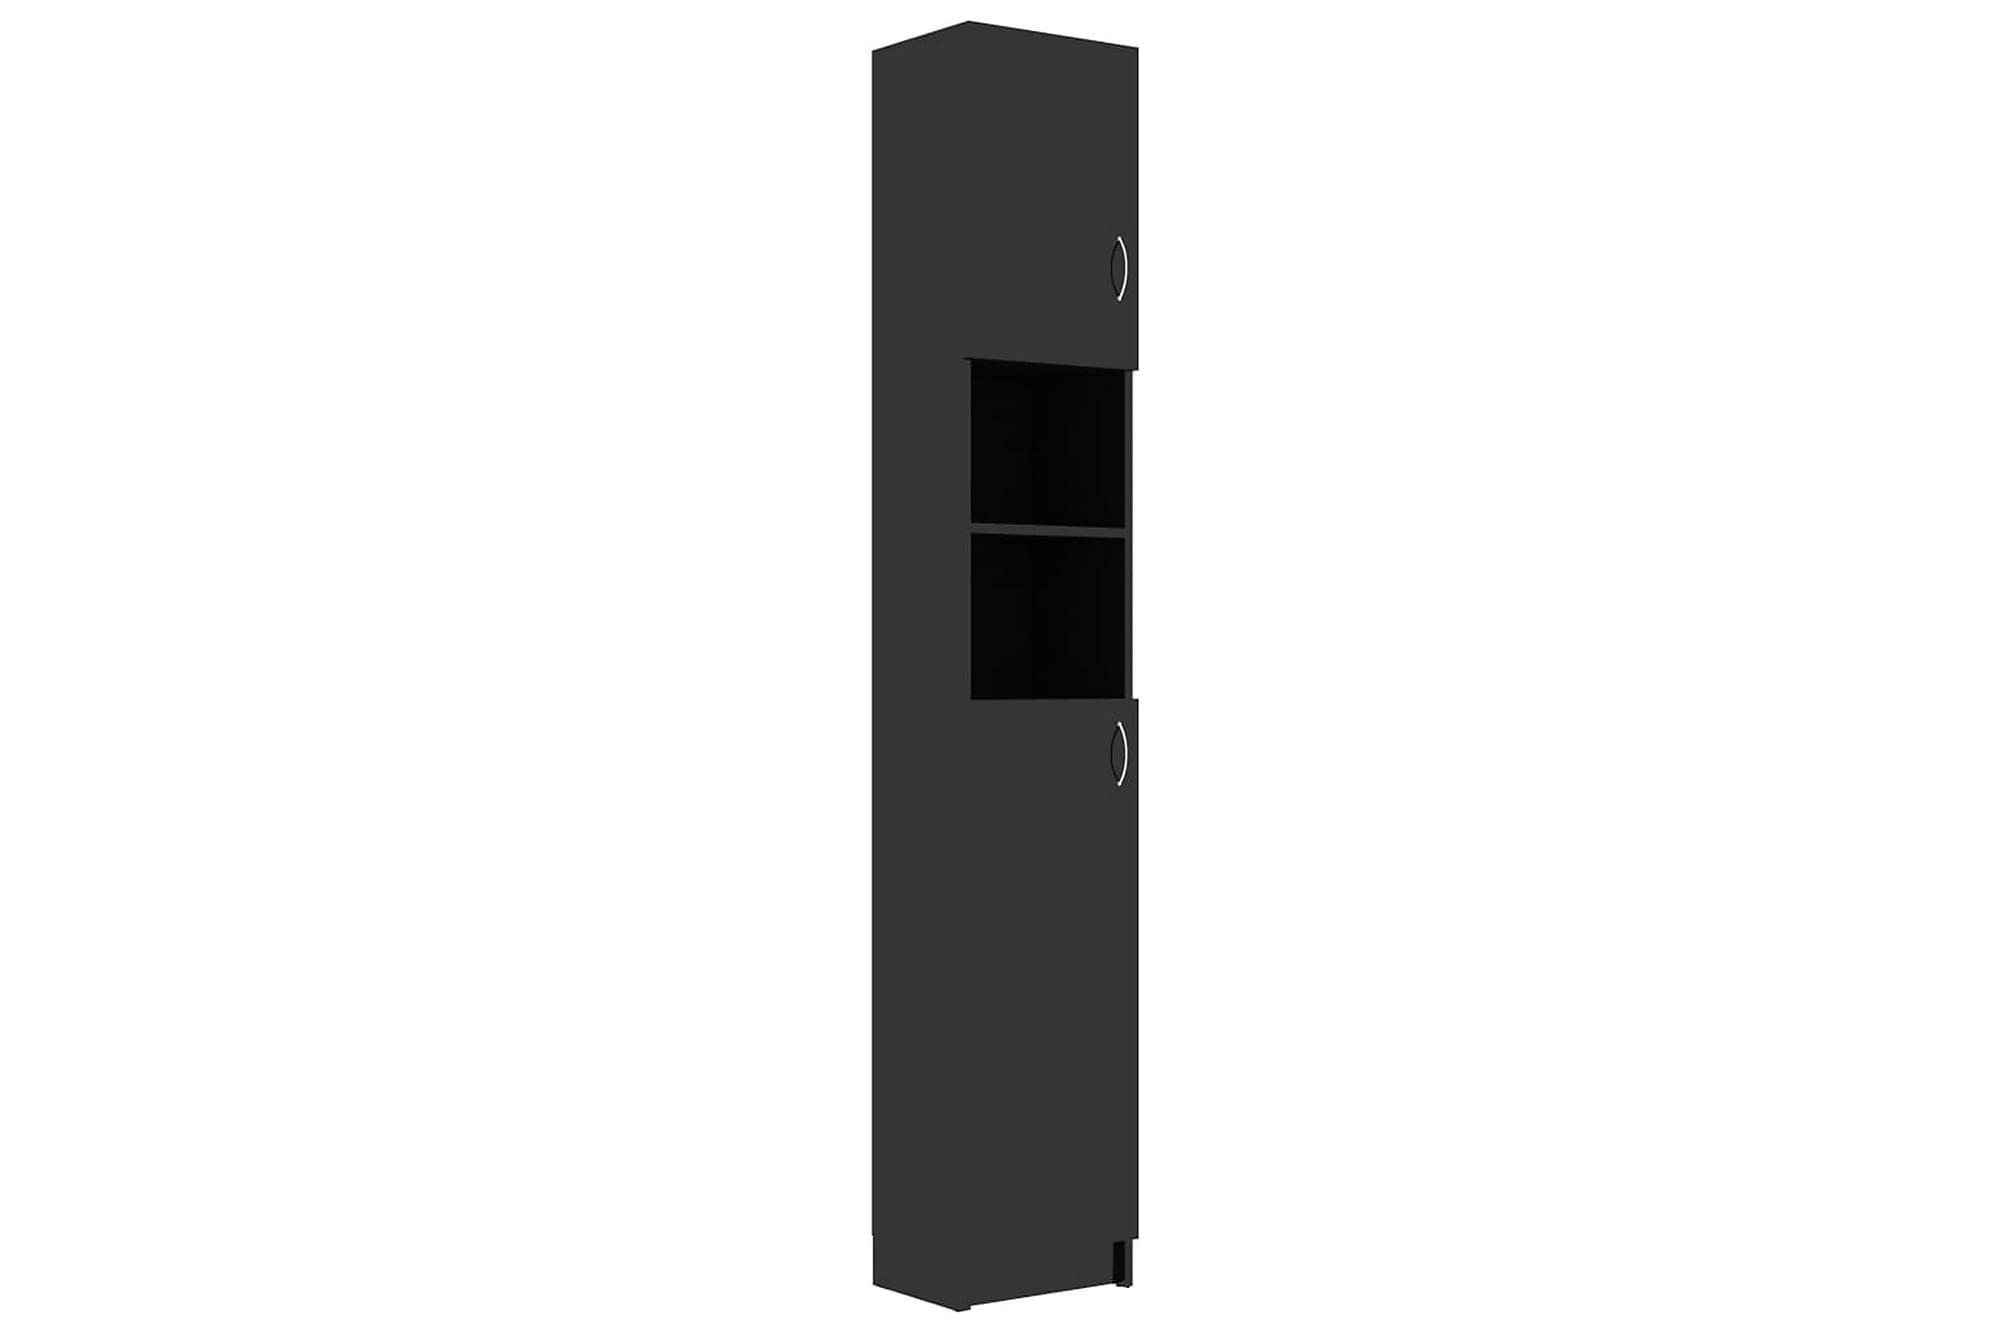 Badrumsskåp svart högglans 32x25,5x190 cm spånskiva, Förvaring